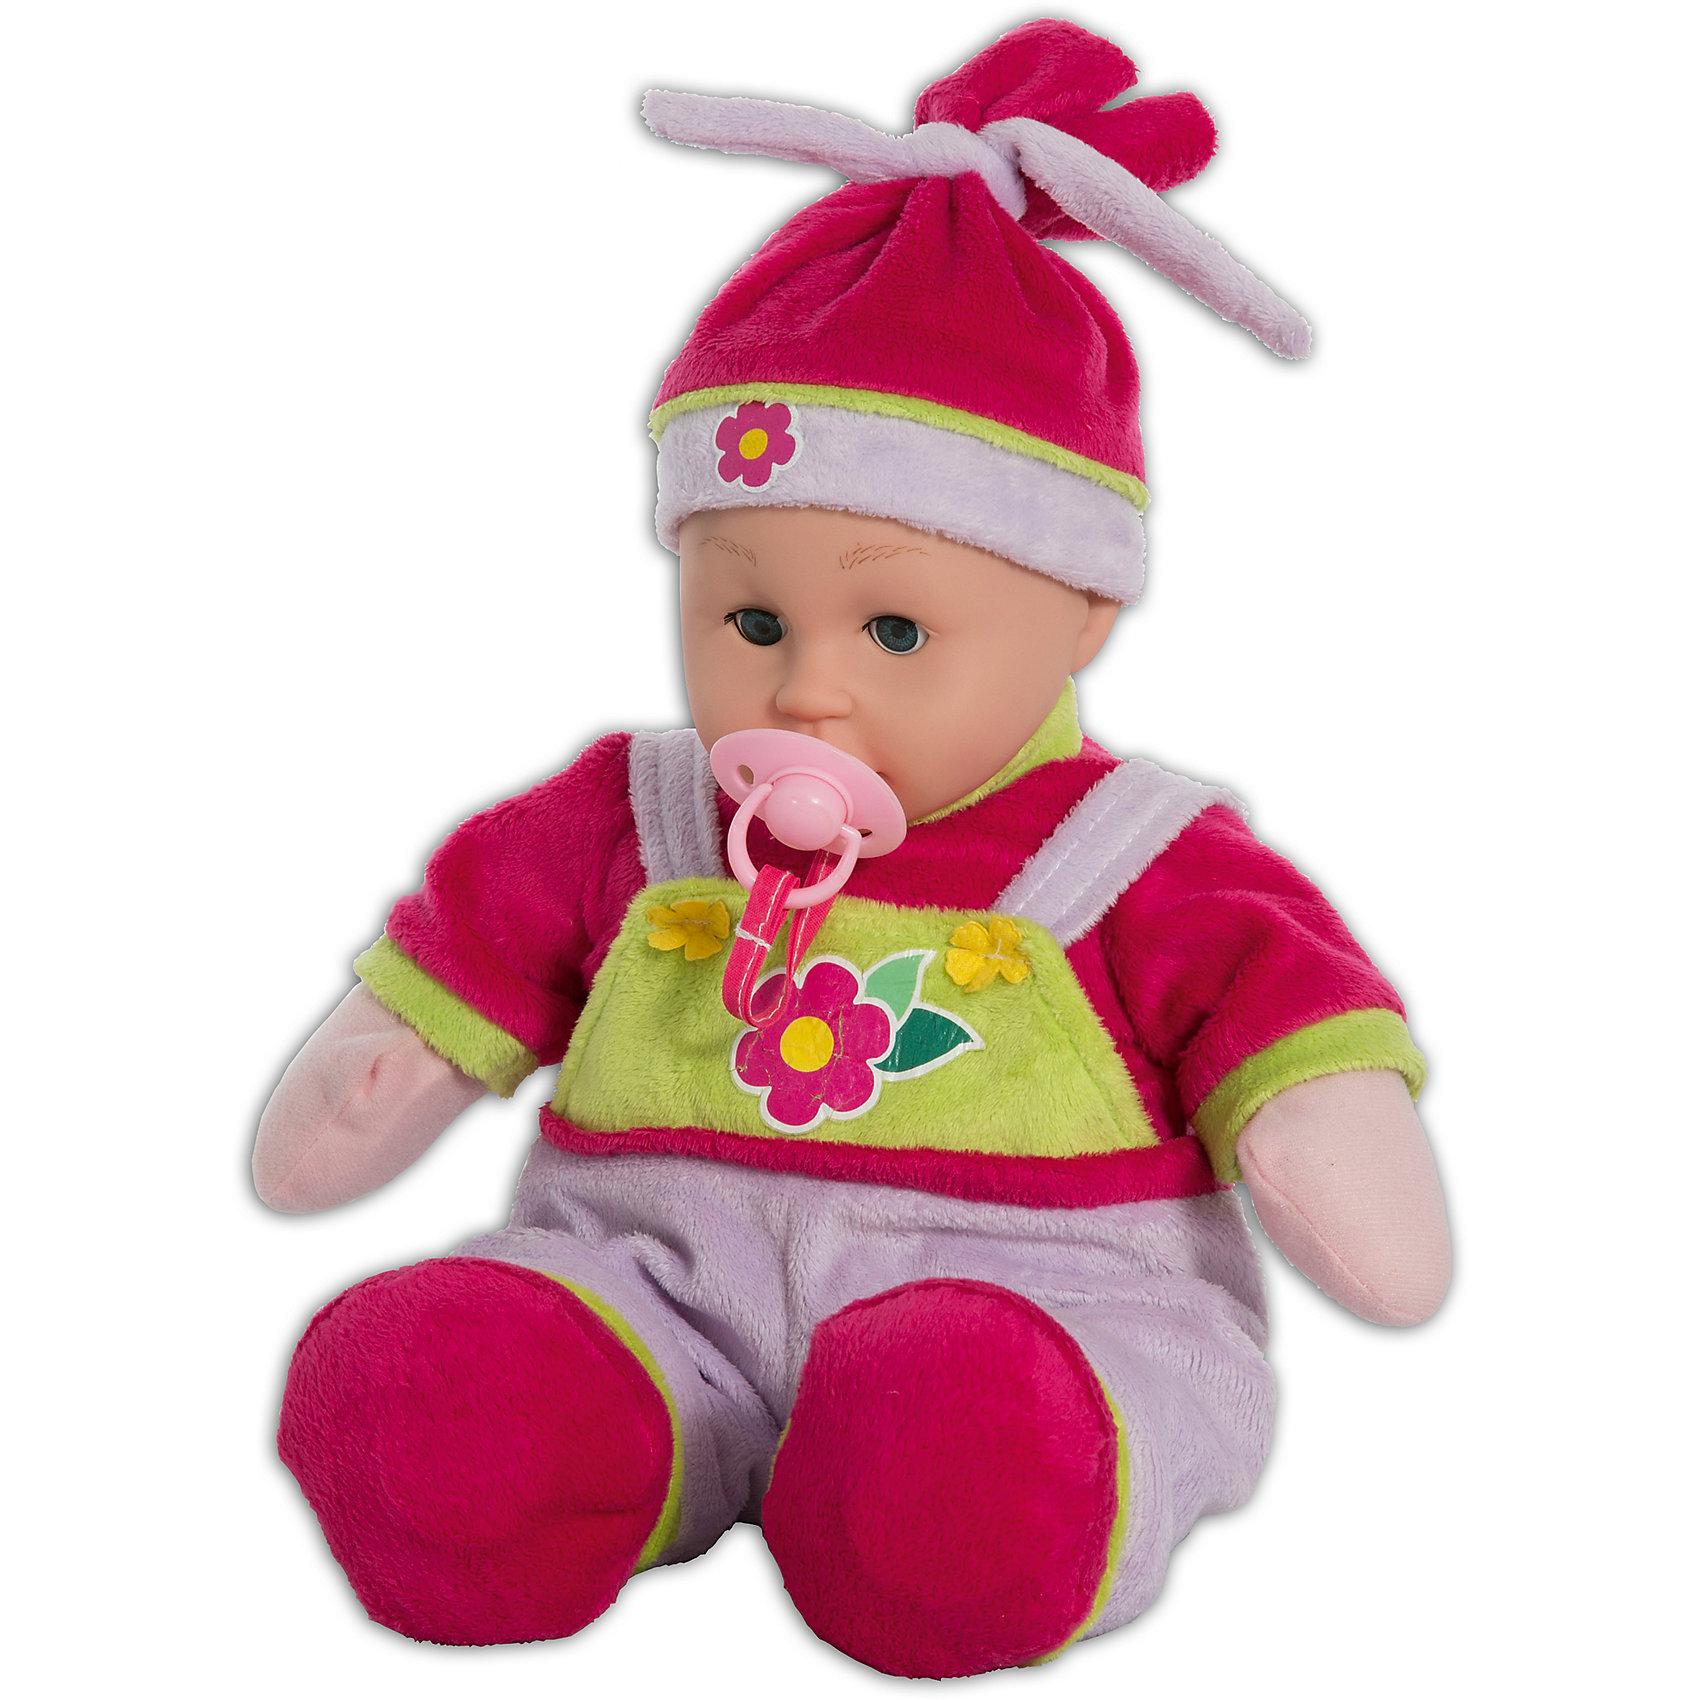 Интерактивная кукла  Моя маленькая дочка Вишенка, Смартик